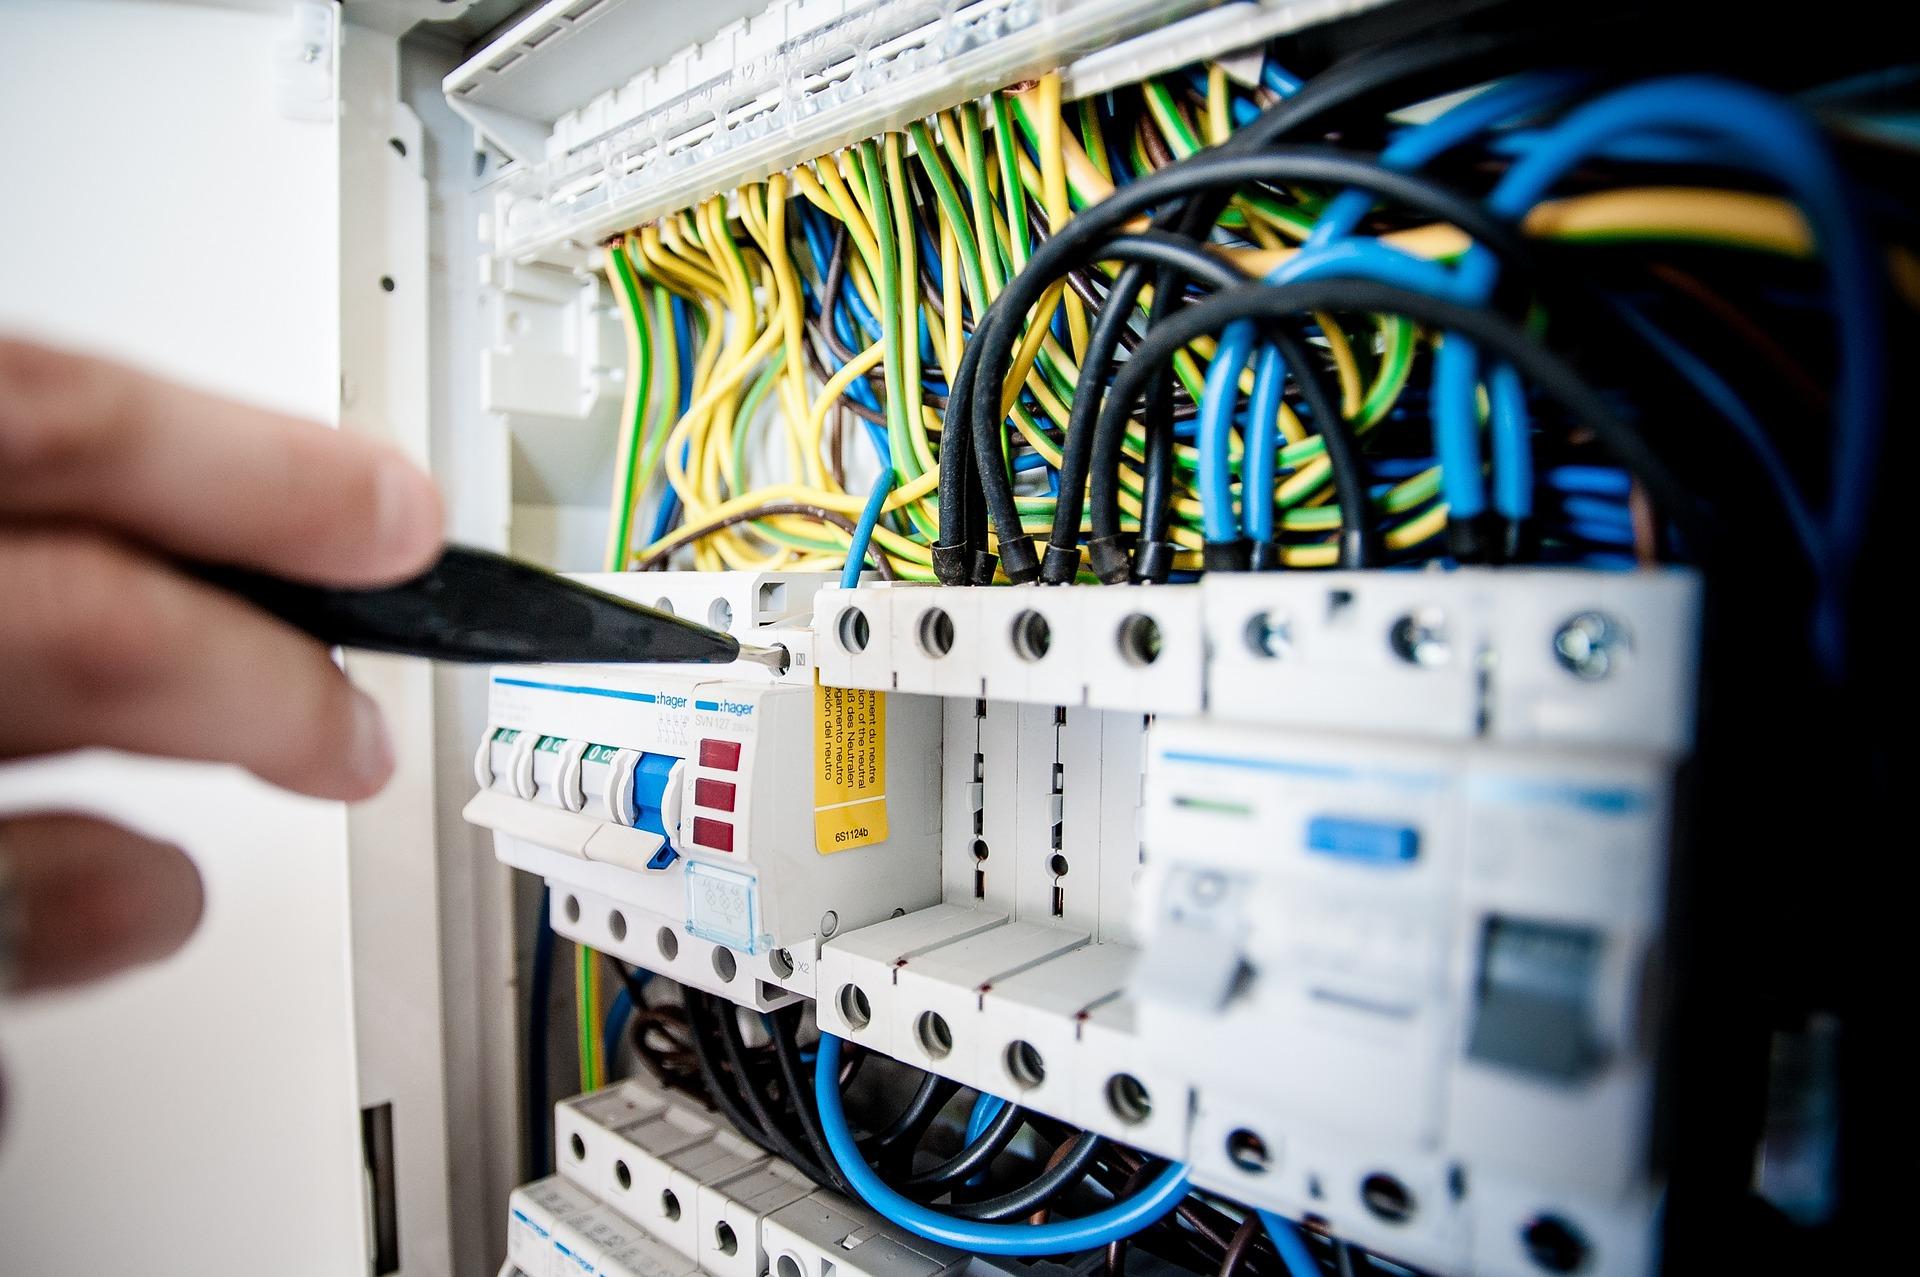 Tenha cuidado com as instalações de energia elétrica na sua casa